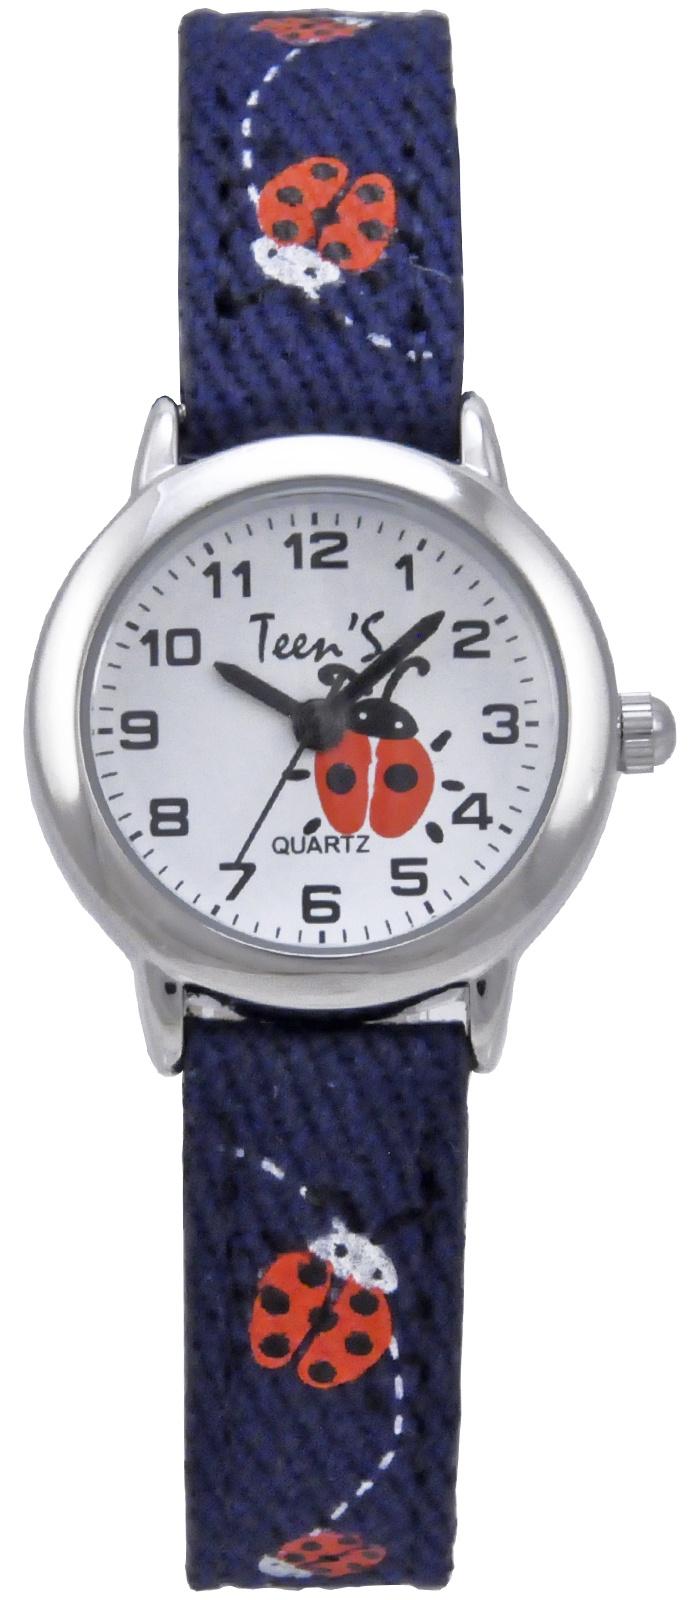 Часы Тик-Так Н114-4 синие бож коровки, темно-синий11538Наручные часы Тик-Так Teen'S Collection предназначены для детей и подростков от 7 лет. У часов металлический корпус, стальная задняя крышка, минеральное стекло и мягкий тканевый ремешок с внутренней частью из кожзама. В часы установлен надежный японский механизм TMI PC21, который комплектуется сменной батарейкой типа SR626SW. Часы имеют брызгозащищенную конструкцию.